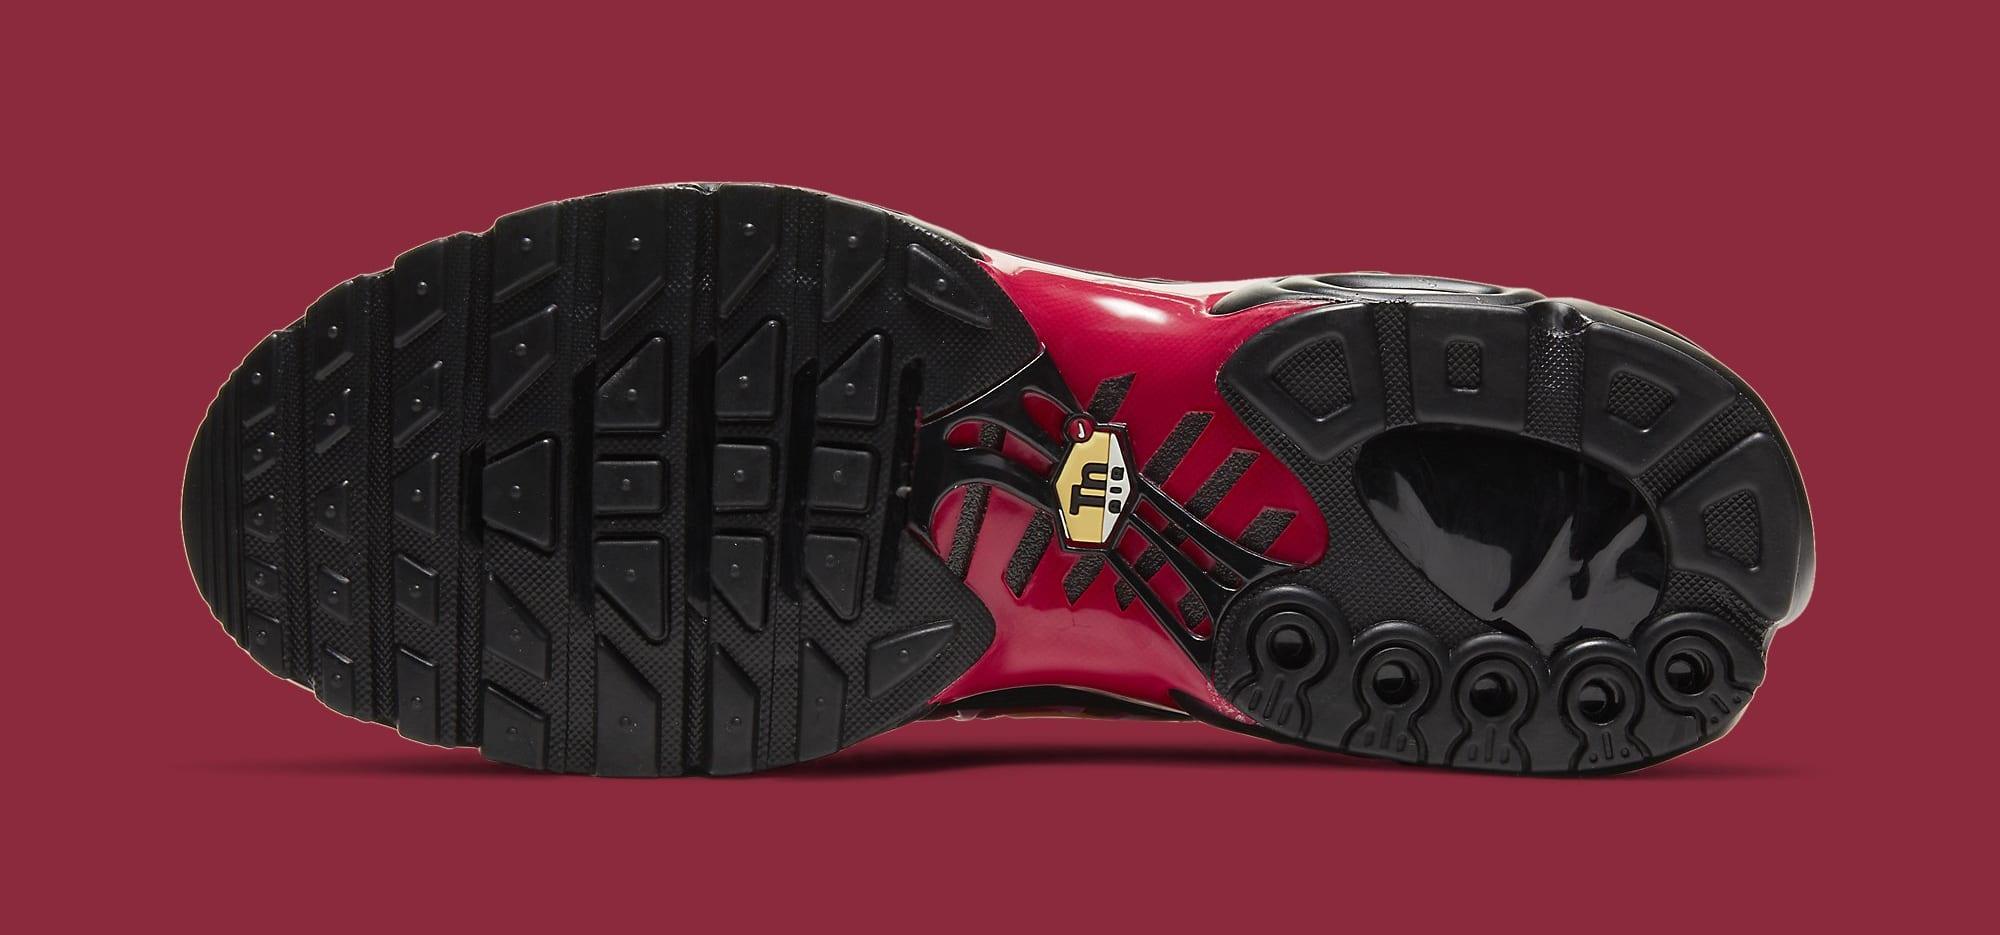 Supreme x Nike Air Max Plus 'Fire Red' DA1472-600 Outsole